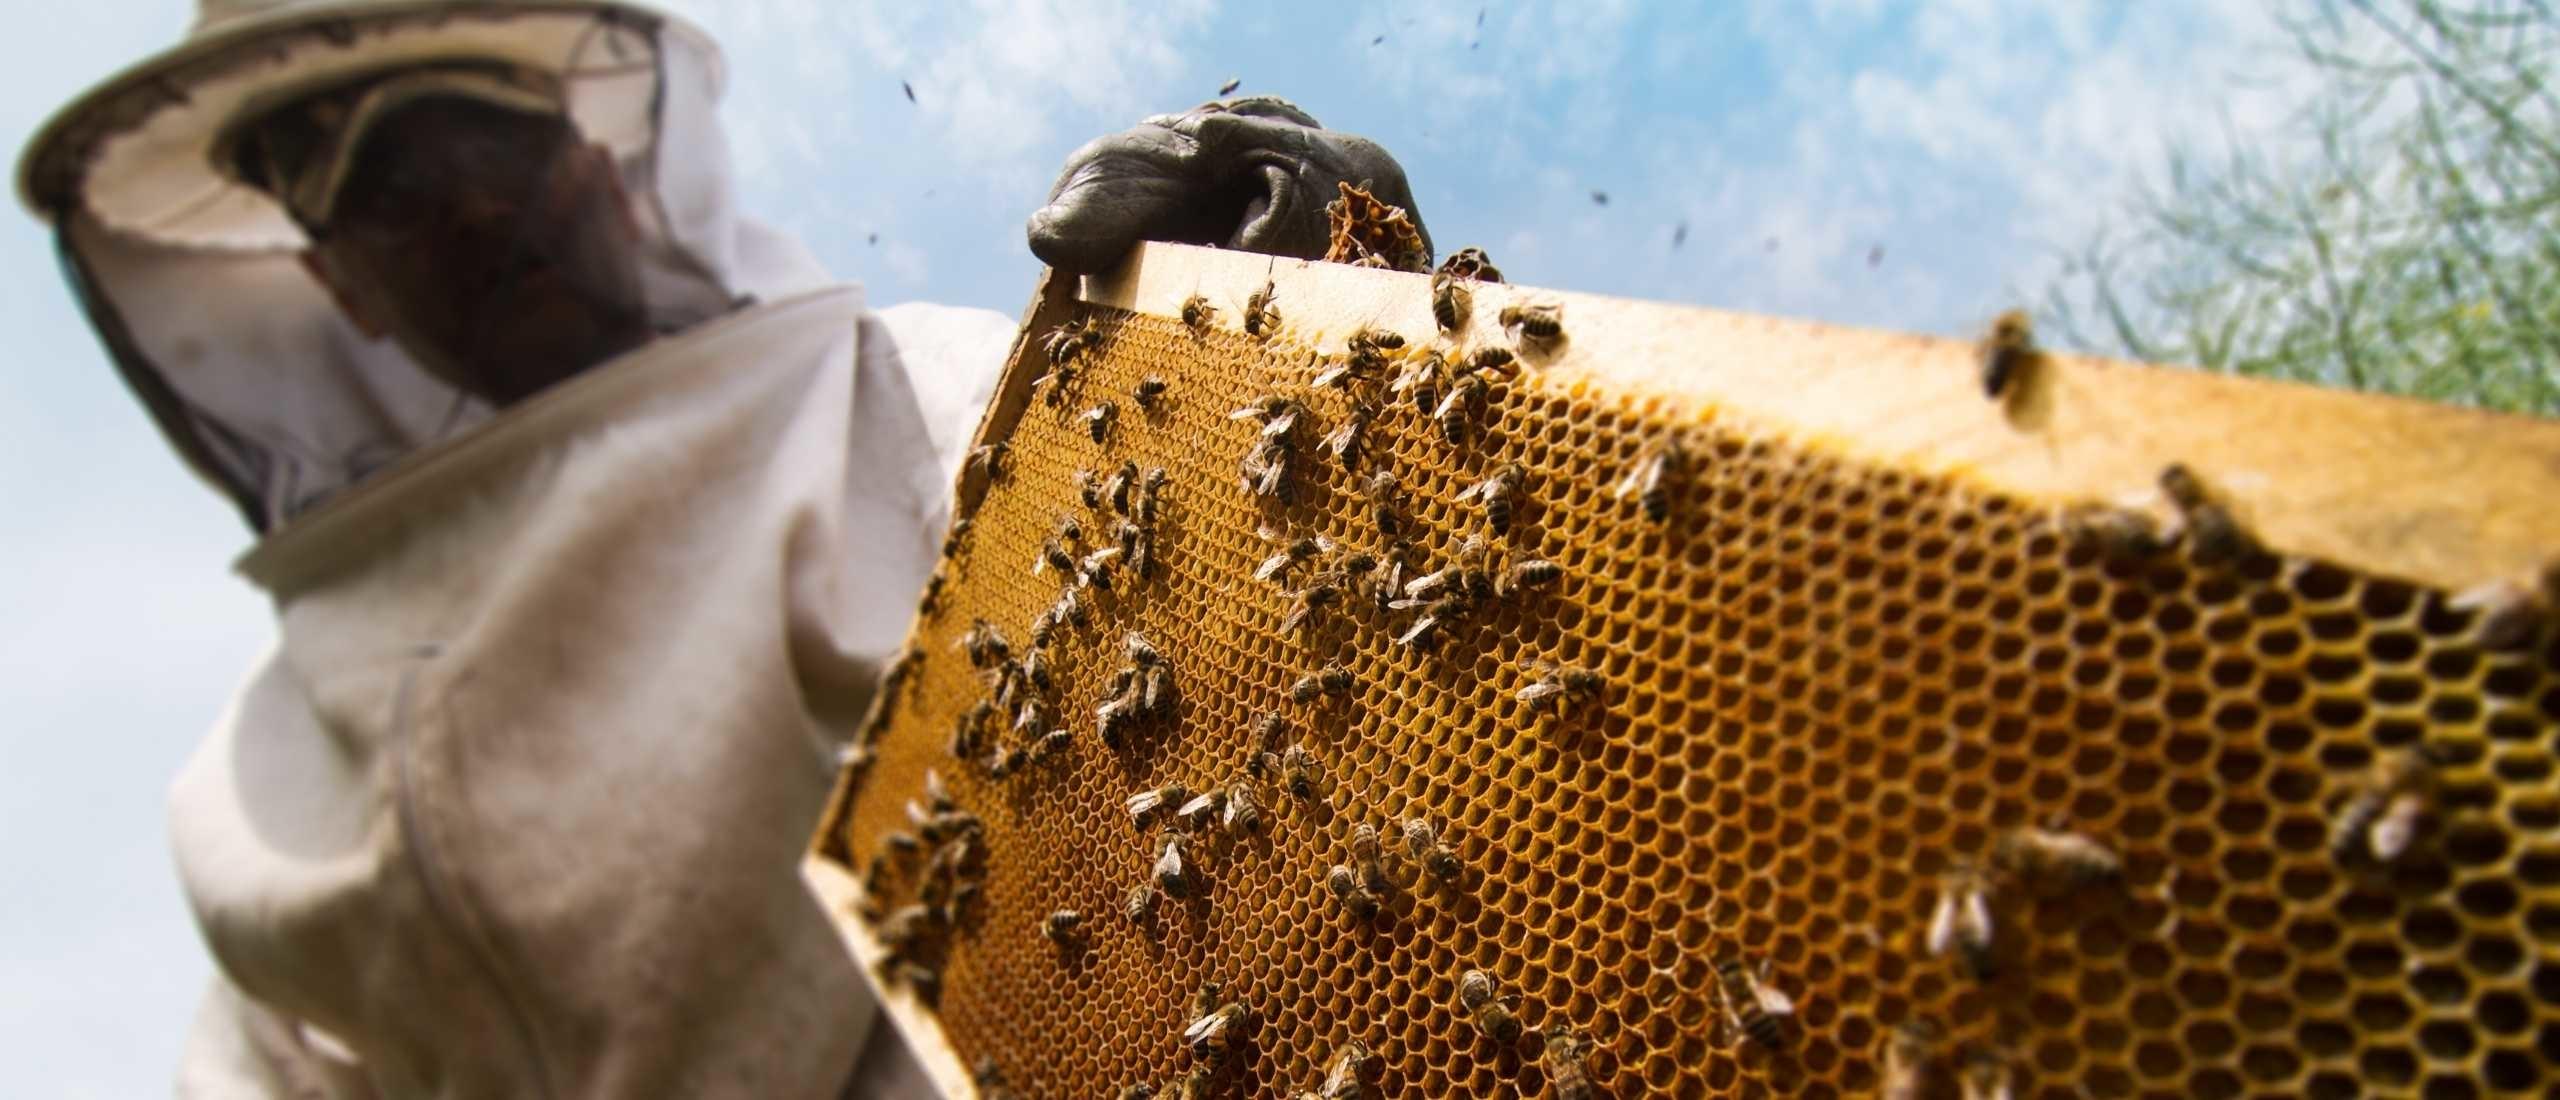 Zelf bijen houden in eigen tuin